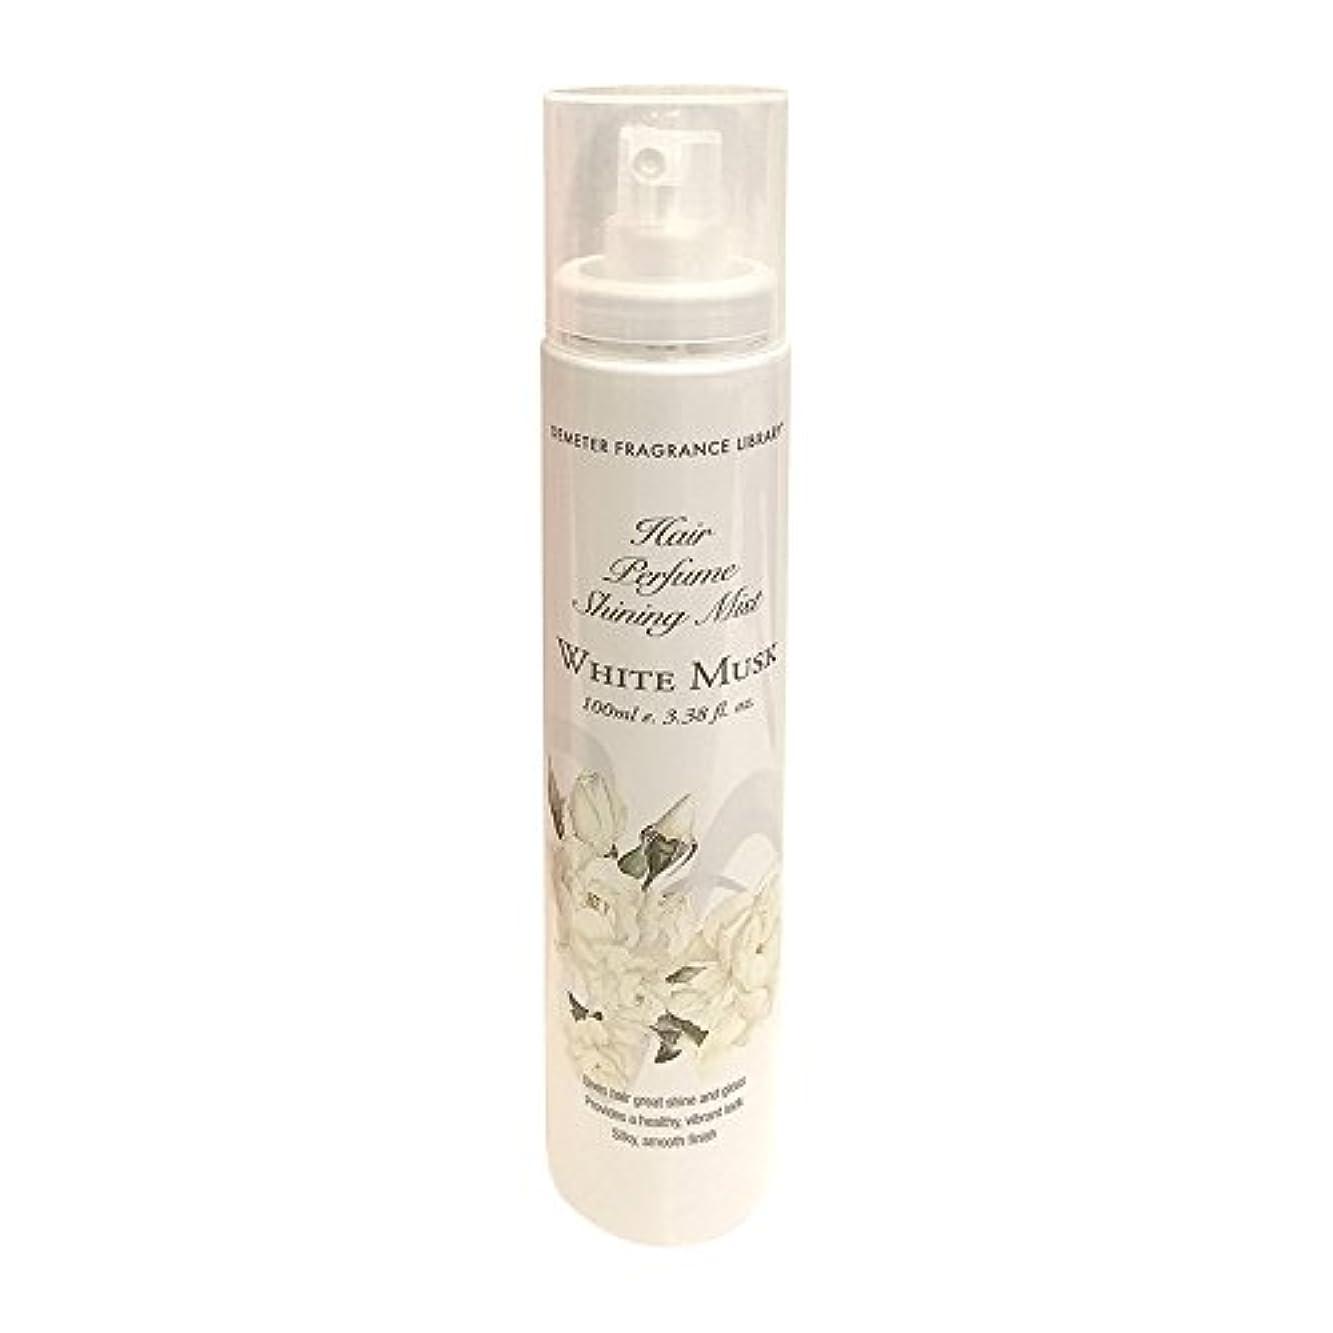 非効率的なガチョウ縮約ディメーター ヘアパフューム シャイニングミスト ホワイトムスクの香り (100mL)